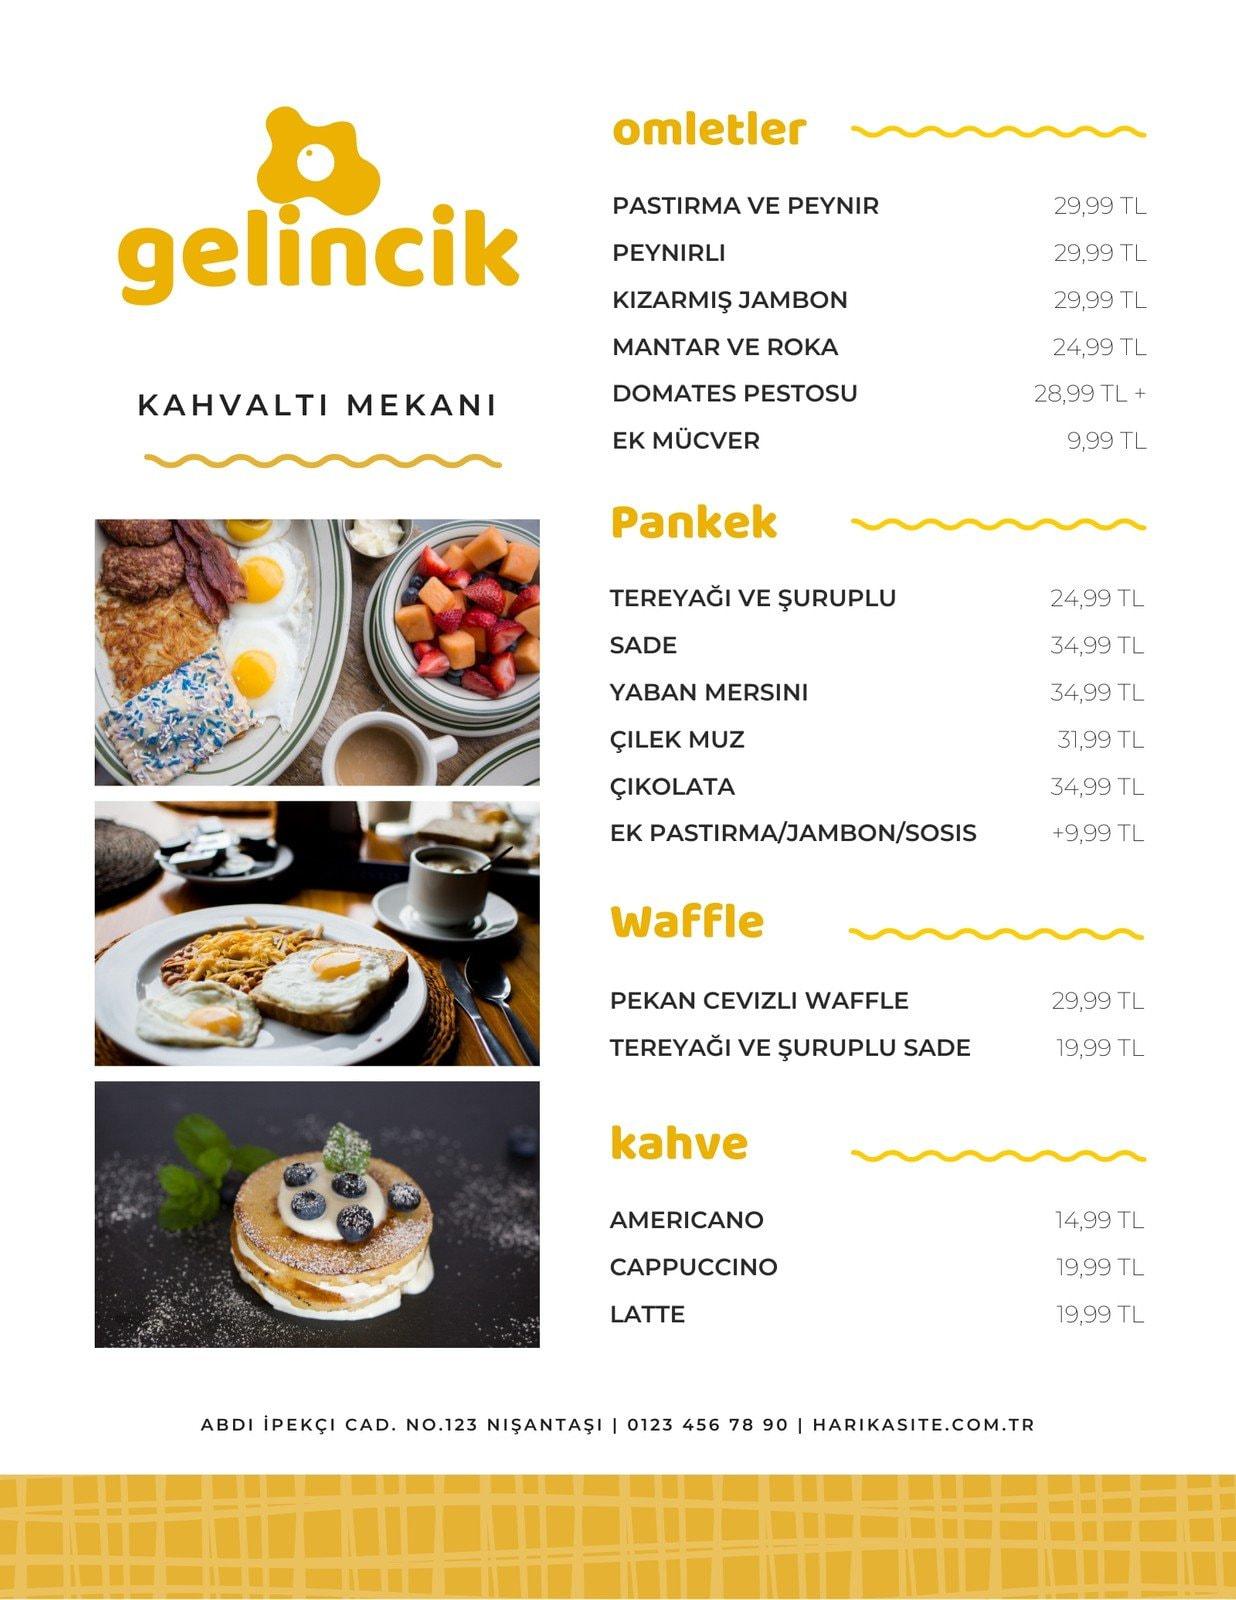 Sarı Örgülü Mutlu Kahvaltı Yumurtalar Restoran Menü